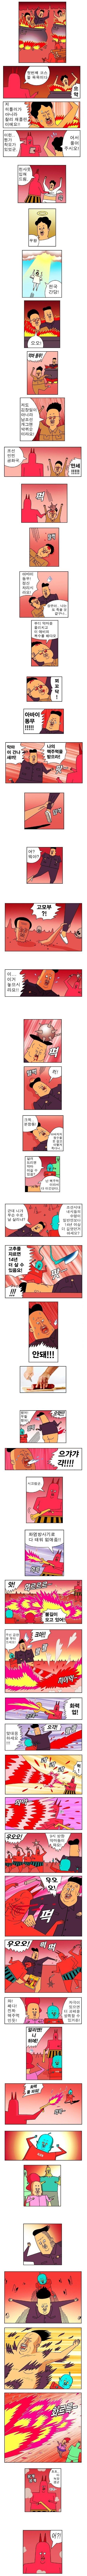 https://image.fmkorea.com/files/attach/new2/20210610/486616/3626989188/3667290028/55543f1832eca5bca0e73249dd064dae.jpg